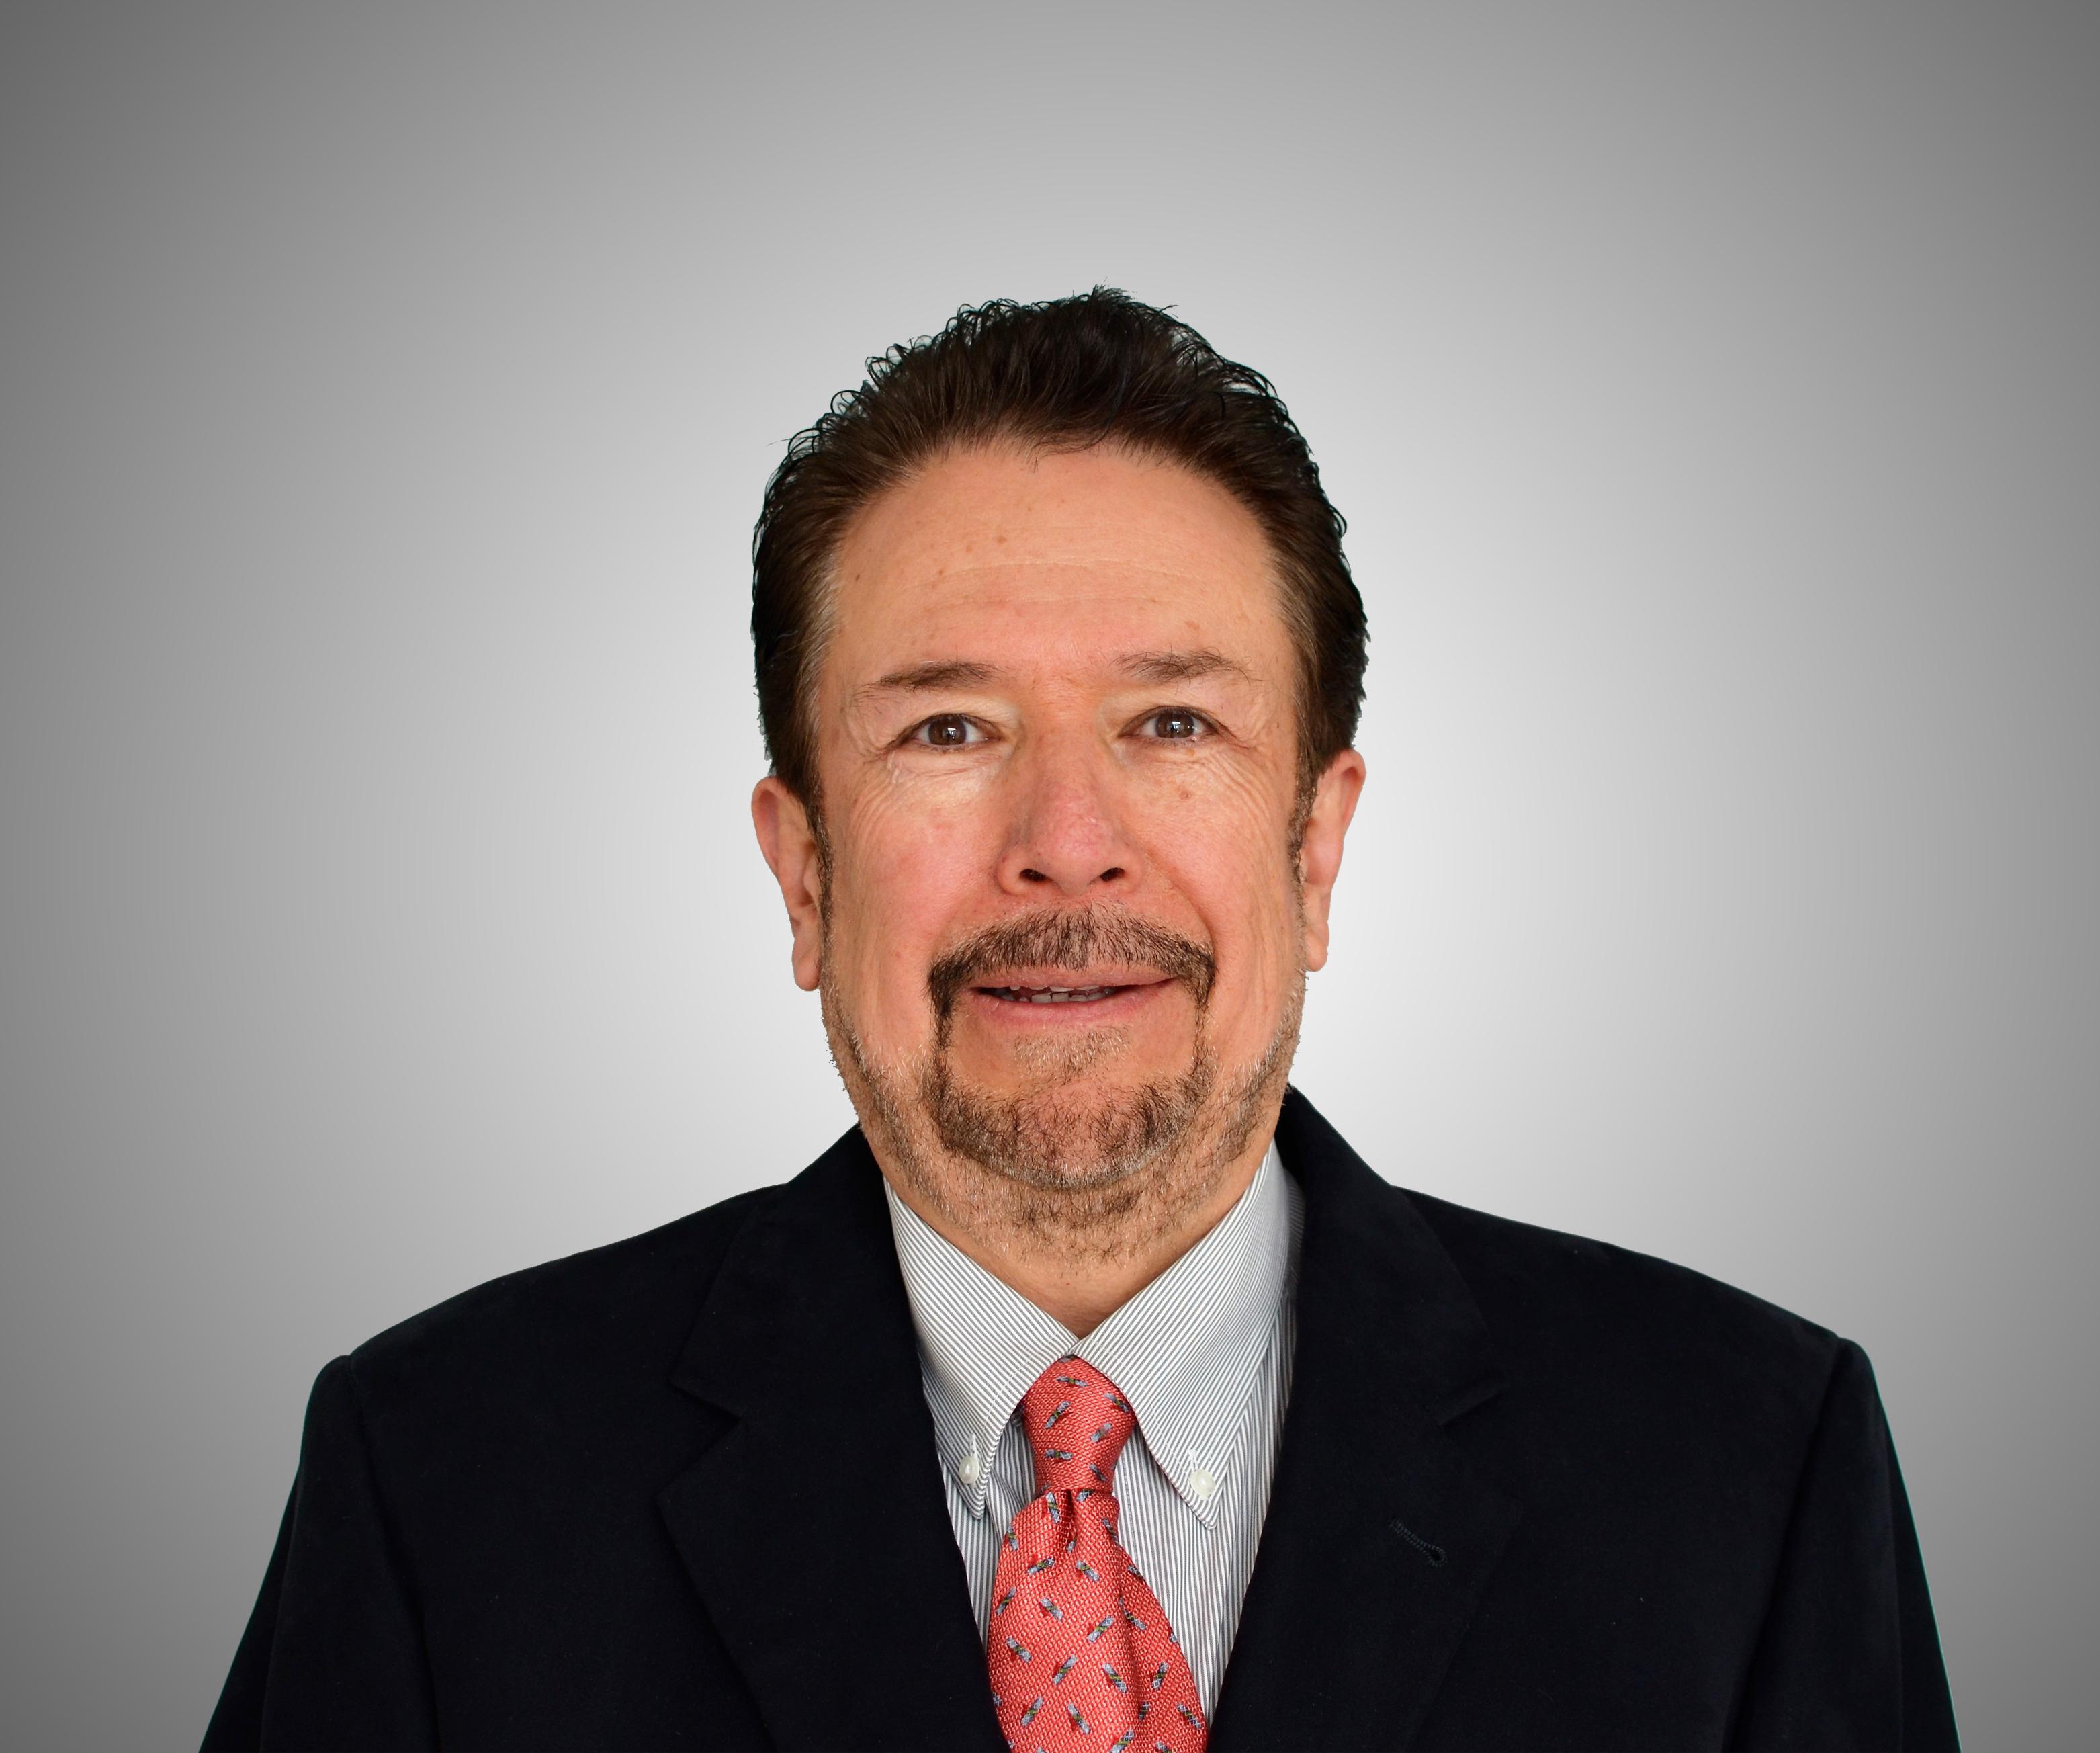 Vicente Gómez Vega